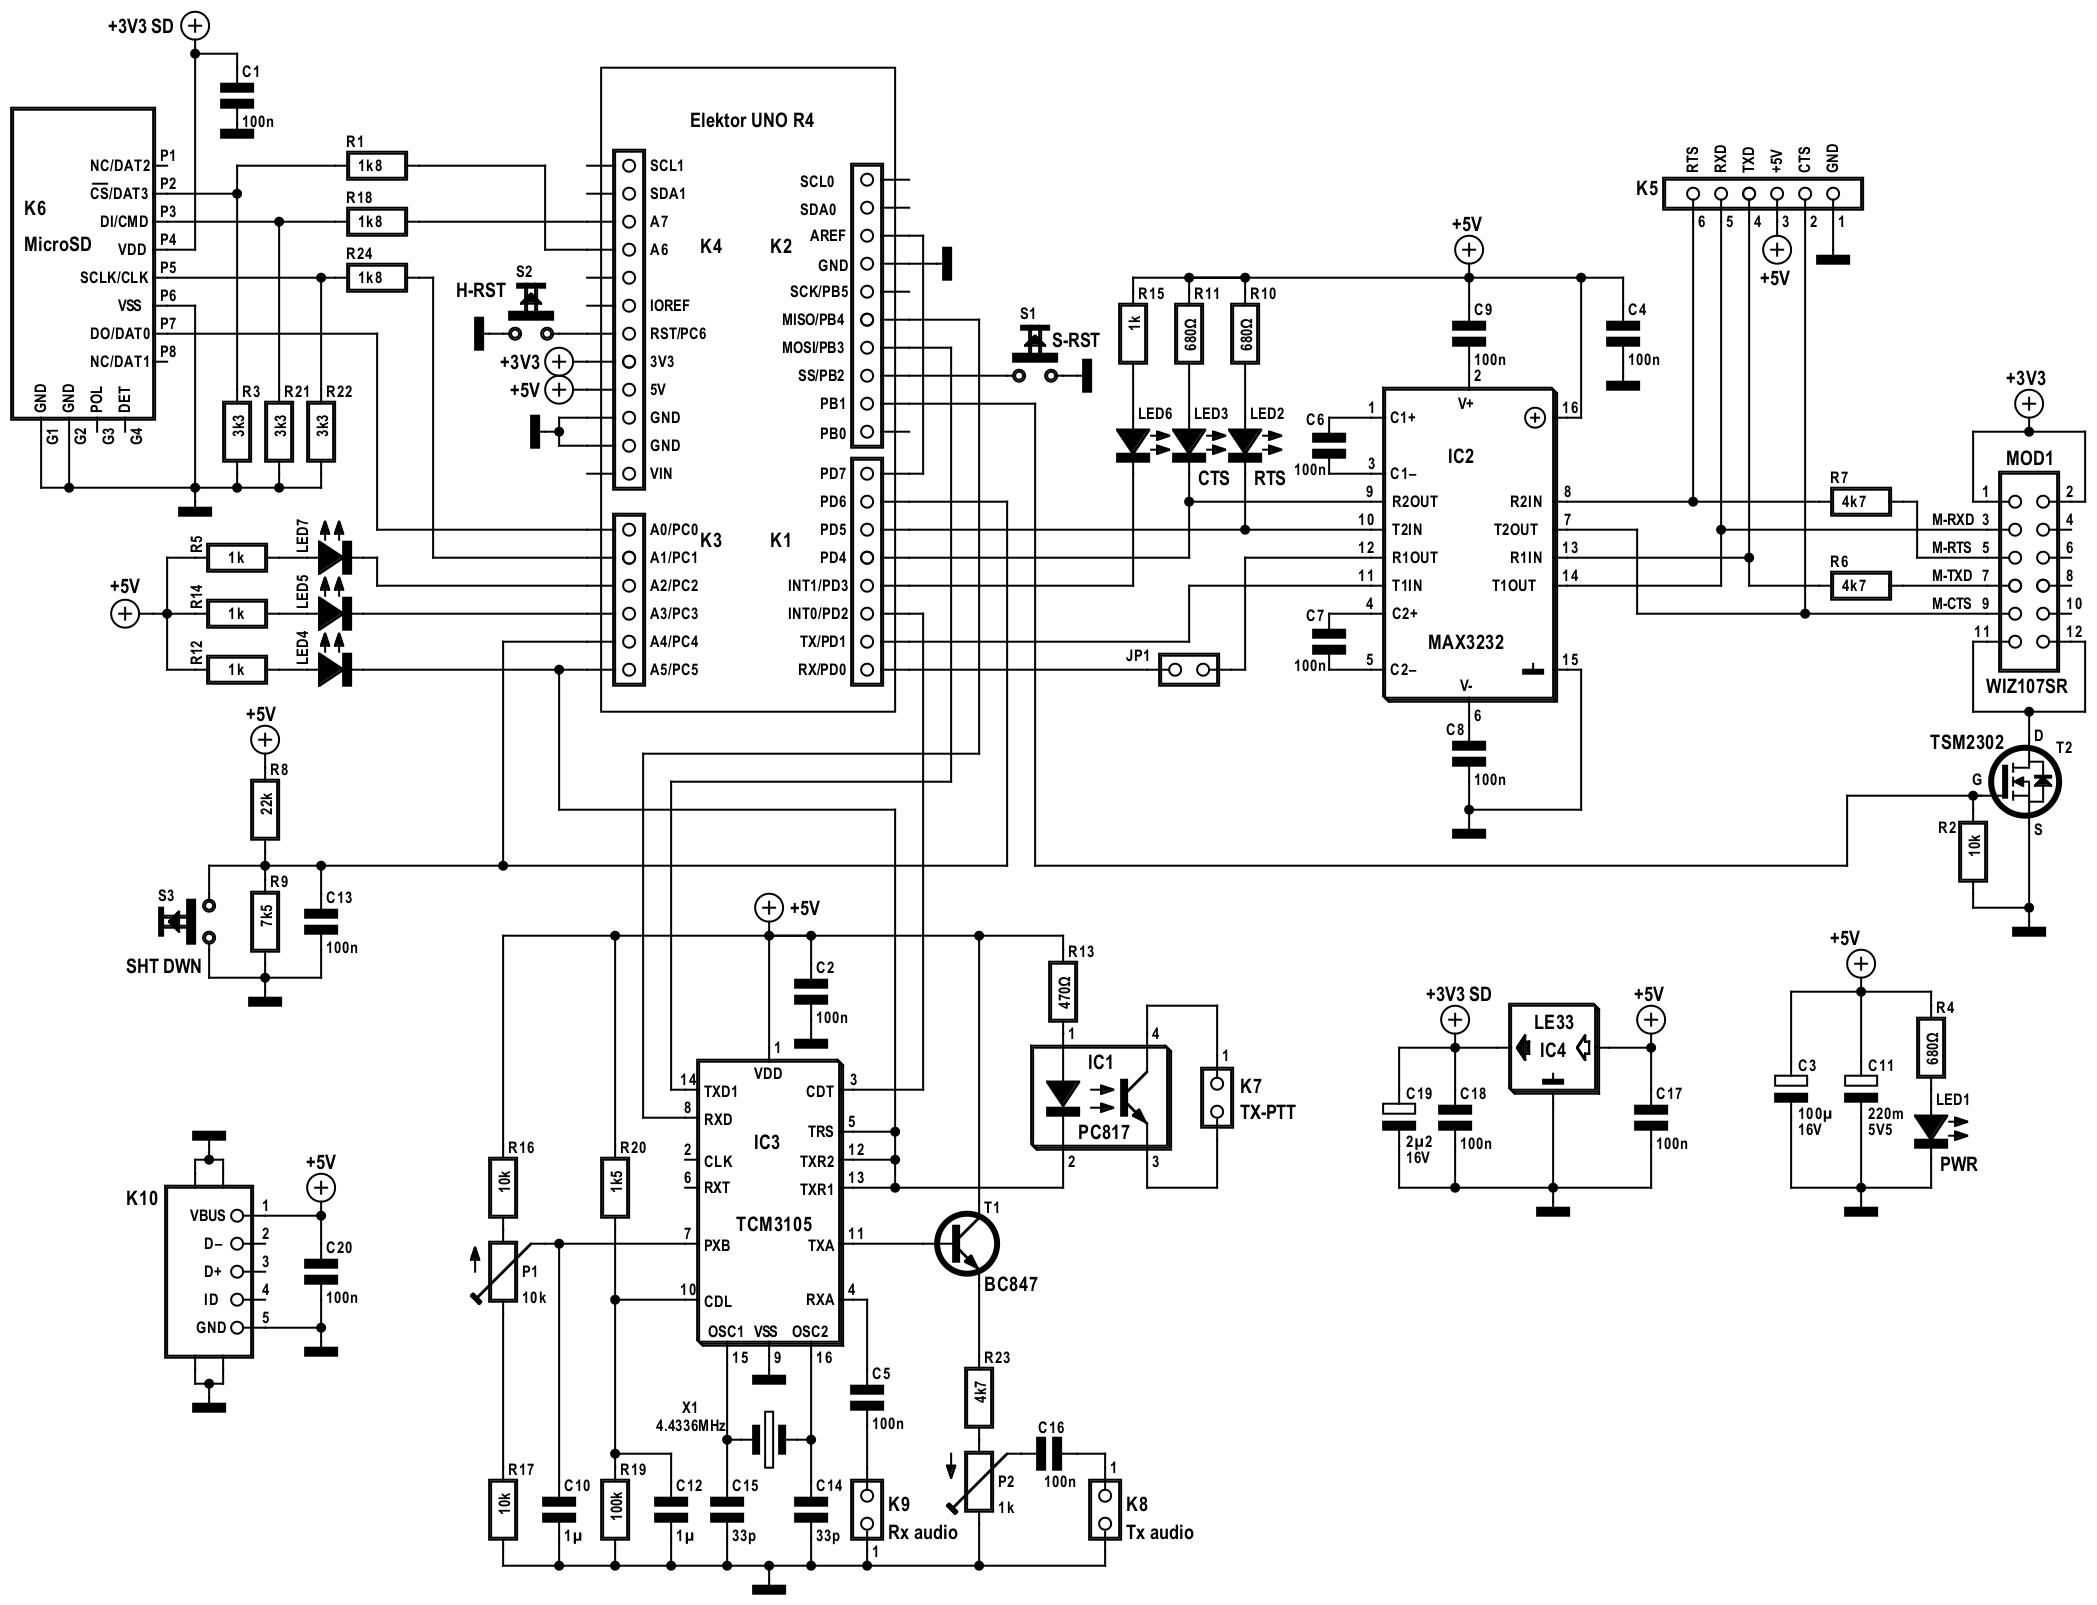 Figura 3: Lo schema dell'OTP Crypto Shield può essere suddiviso in tre parti principali: la porta RS-232 e Ethernet attorno a IC2, K5 e MOD1; l'interfaccia audio con l'IC3 FSK MODEM al centro e lo slot per le schede microSD per la memorizzazione di dati e chiavi dei messaggi